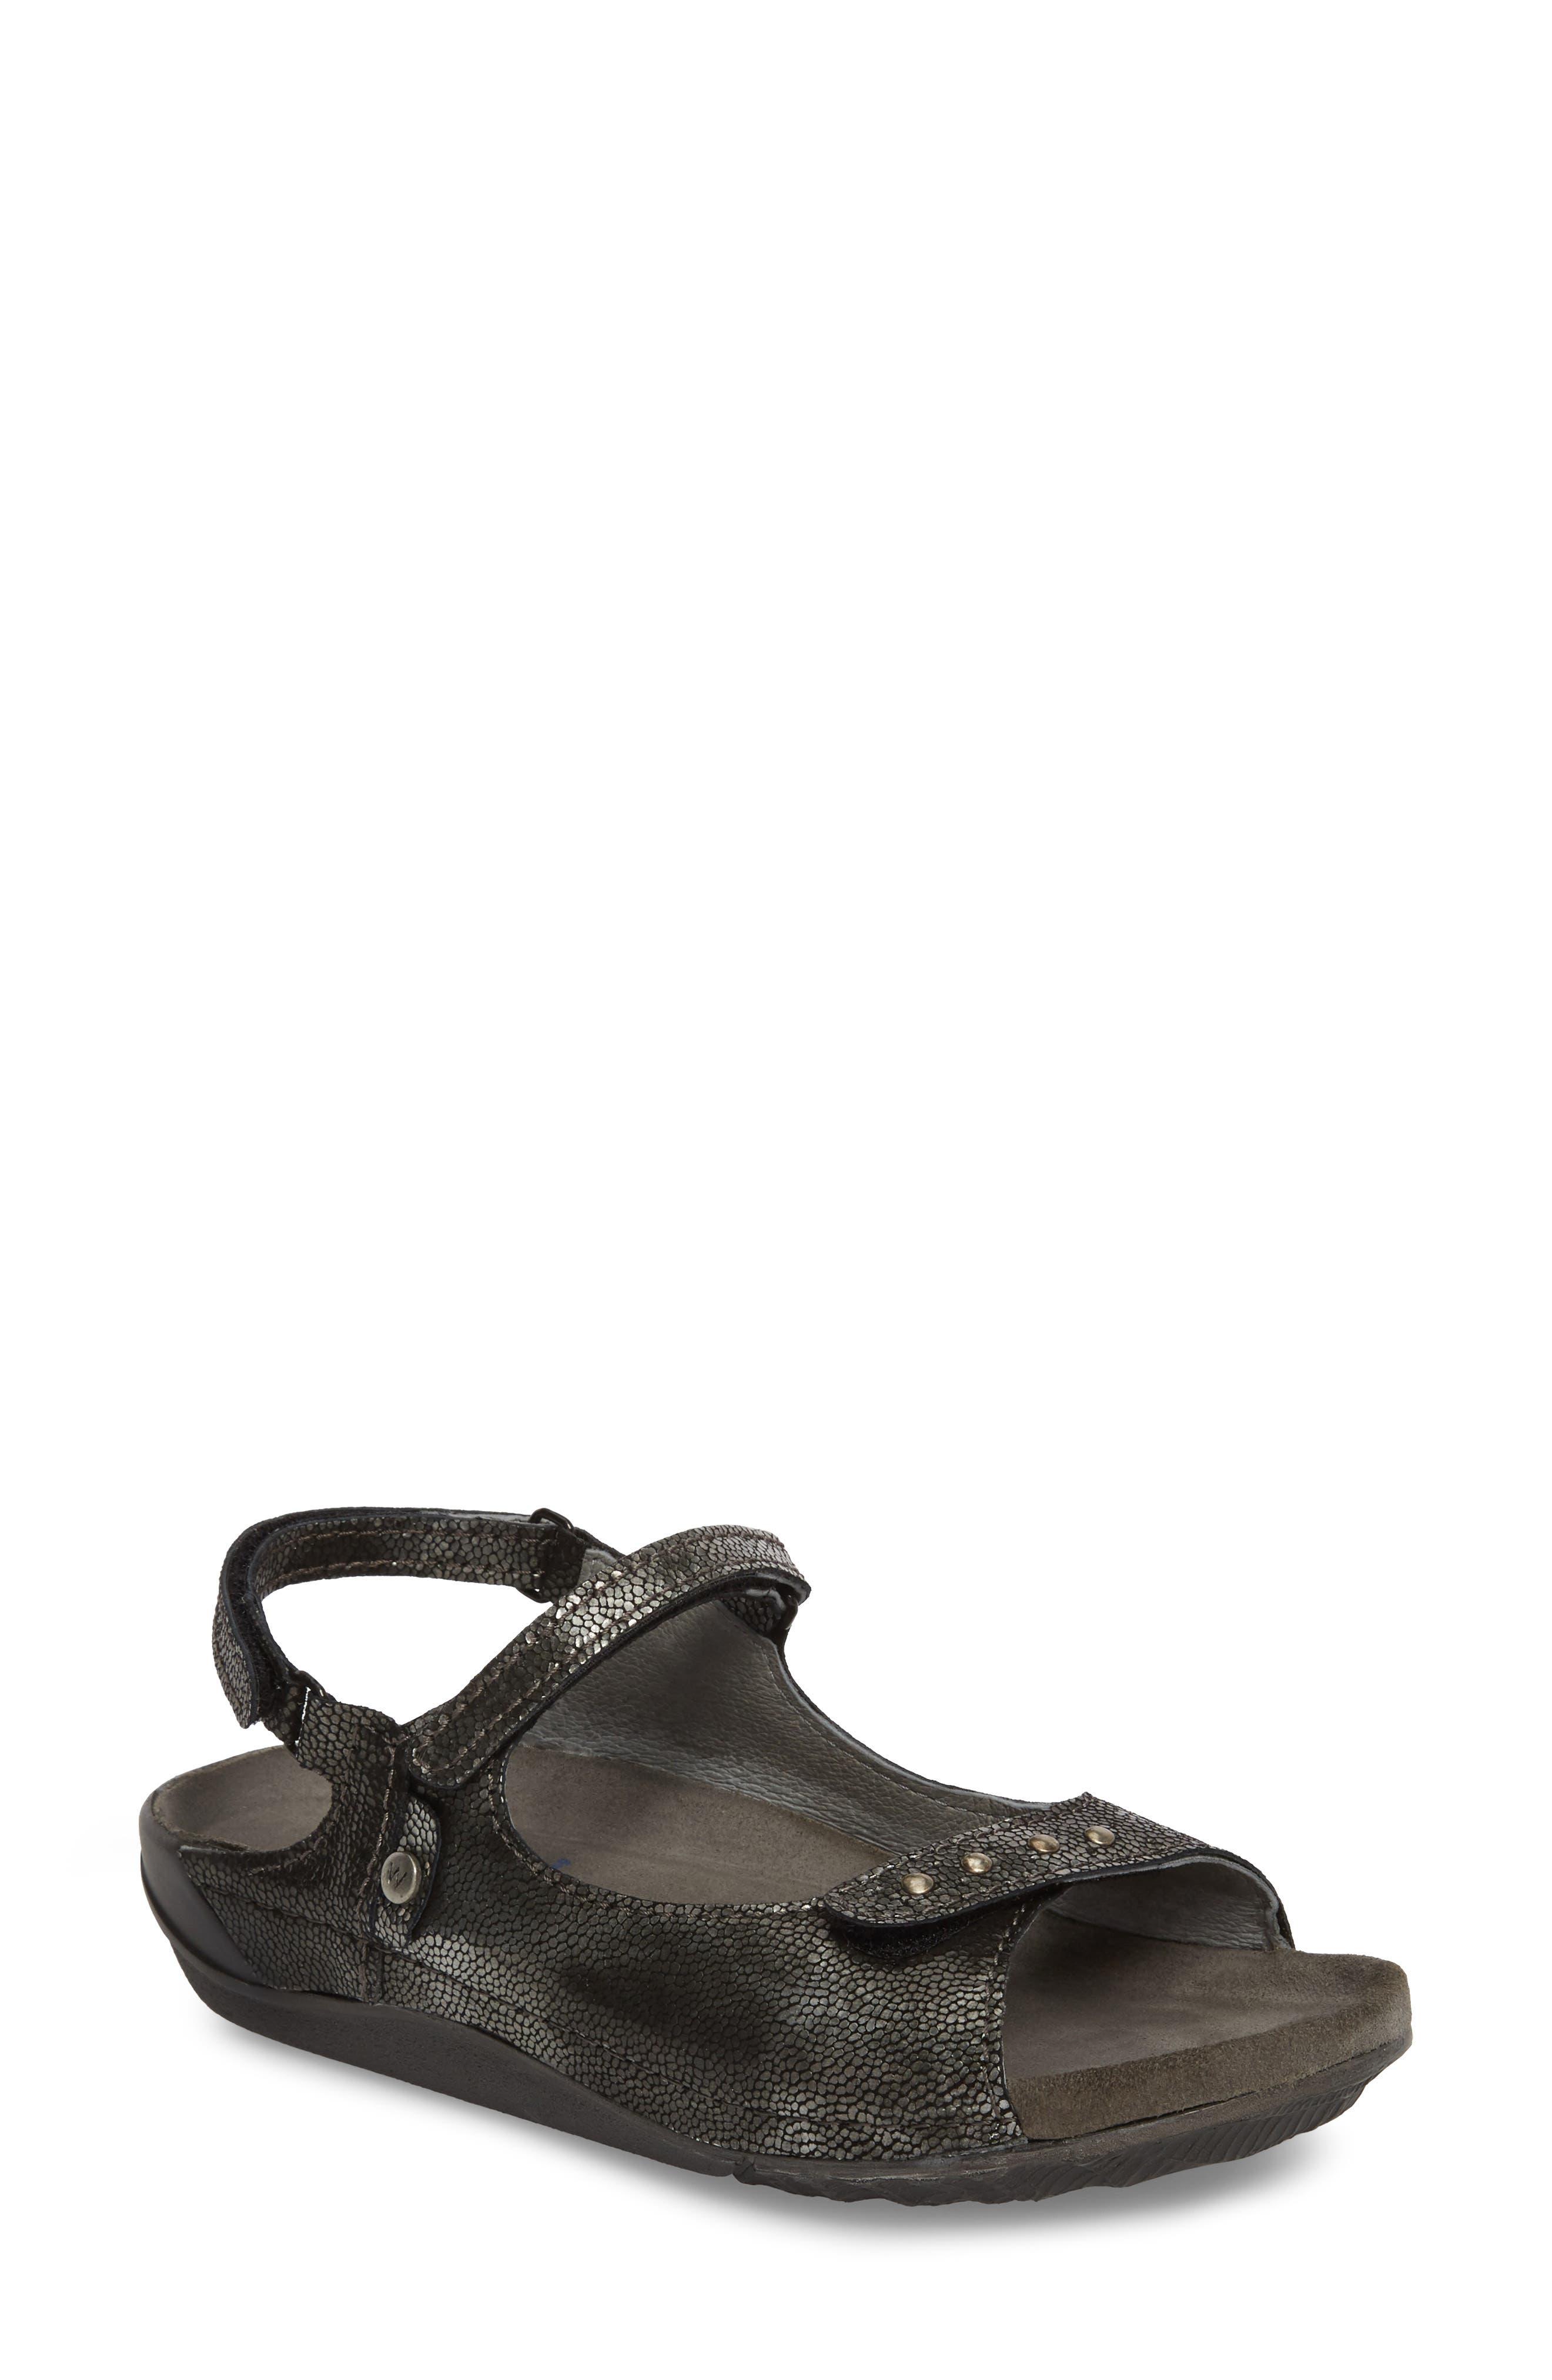 Cortez Sandal,                             Main thumbnail 1, color,                             Black Leather